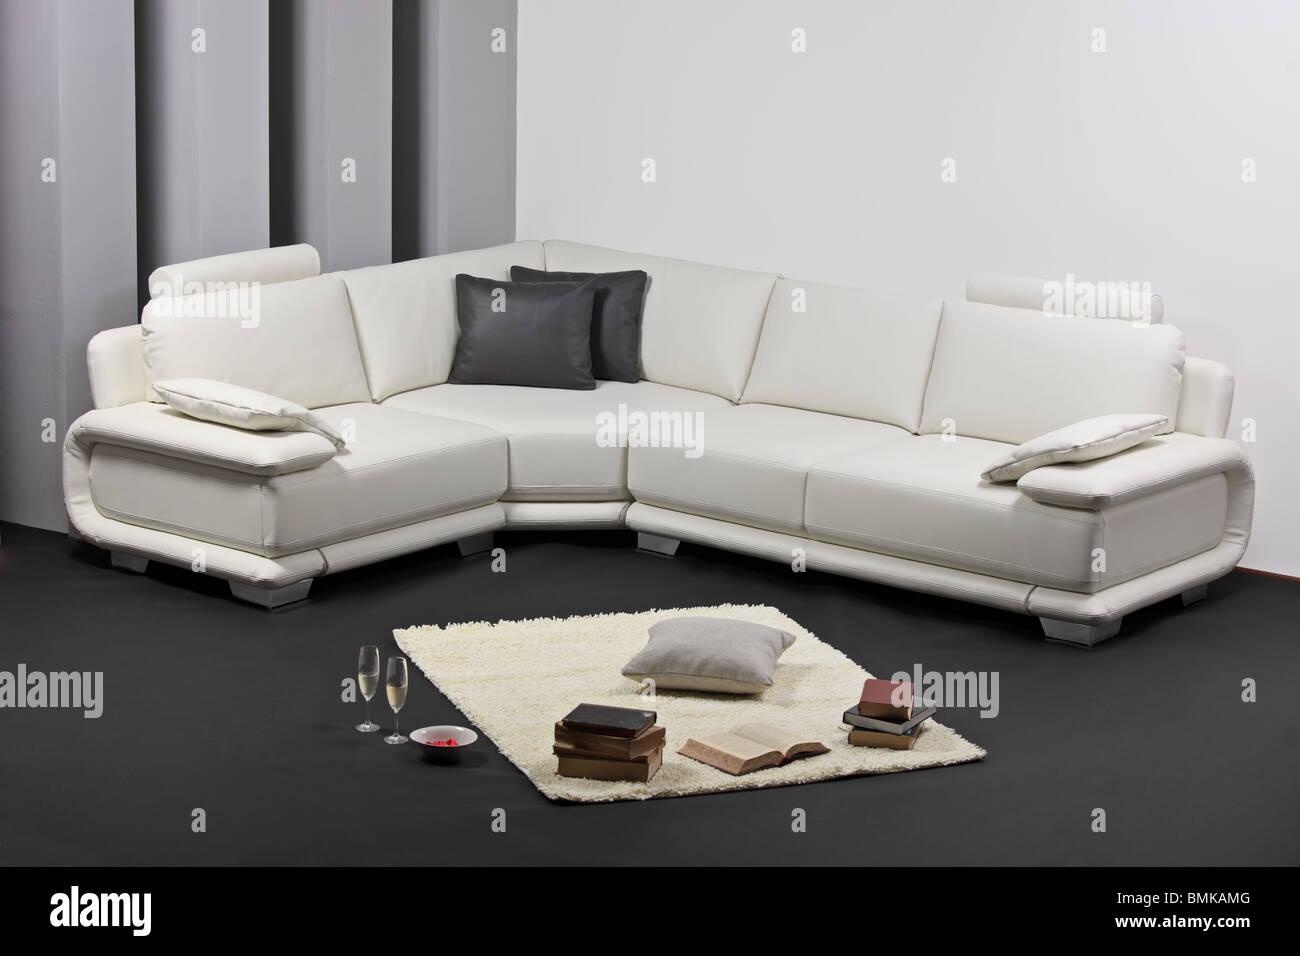 Ein Wohnzimmer mit weißen Möbeln Stockfoto, Bild: 29928992 ...